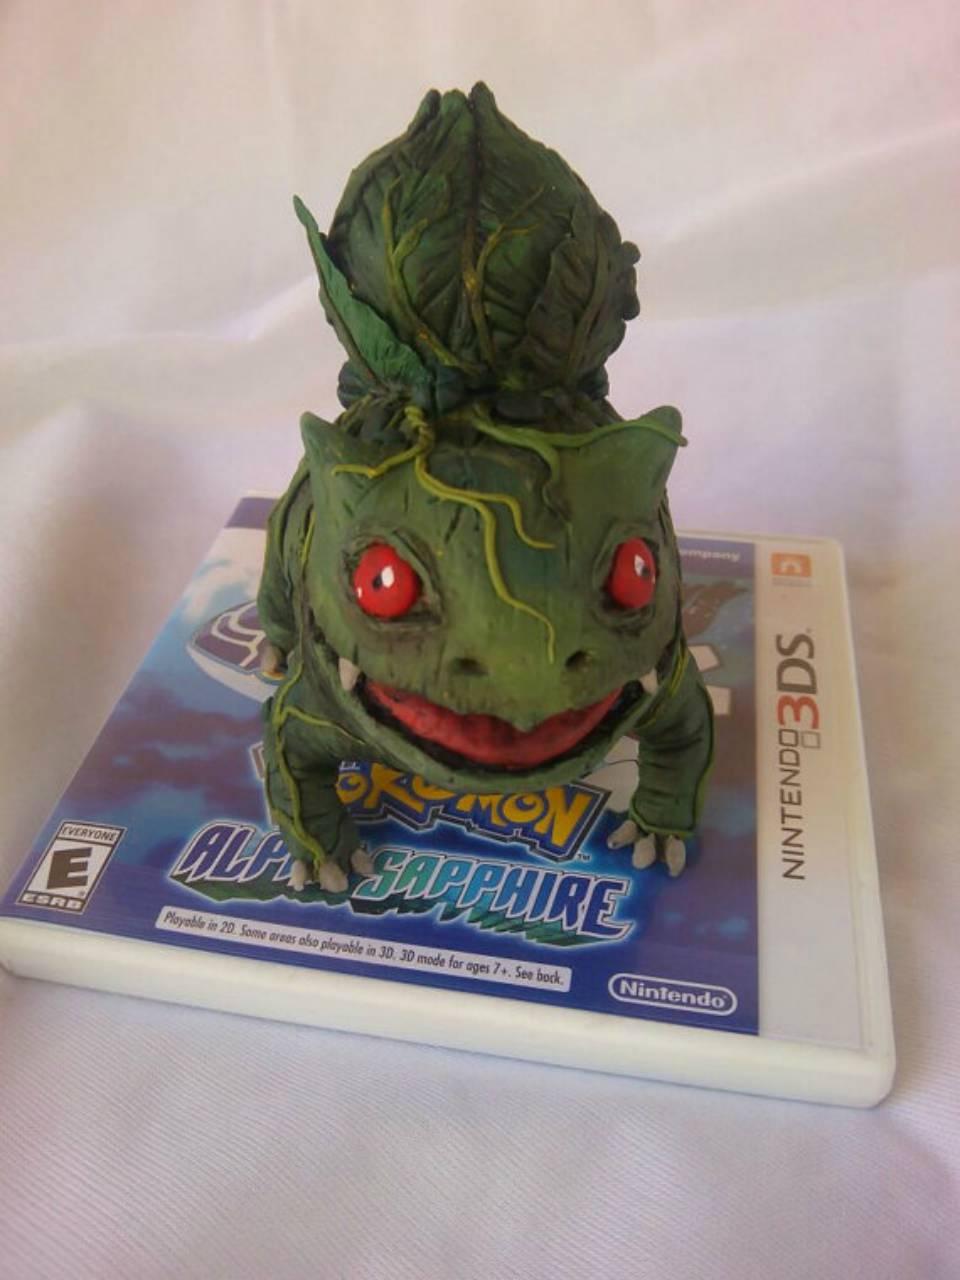 Fan fabrica muñeco realista de Bulbasaur (Pokémon)